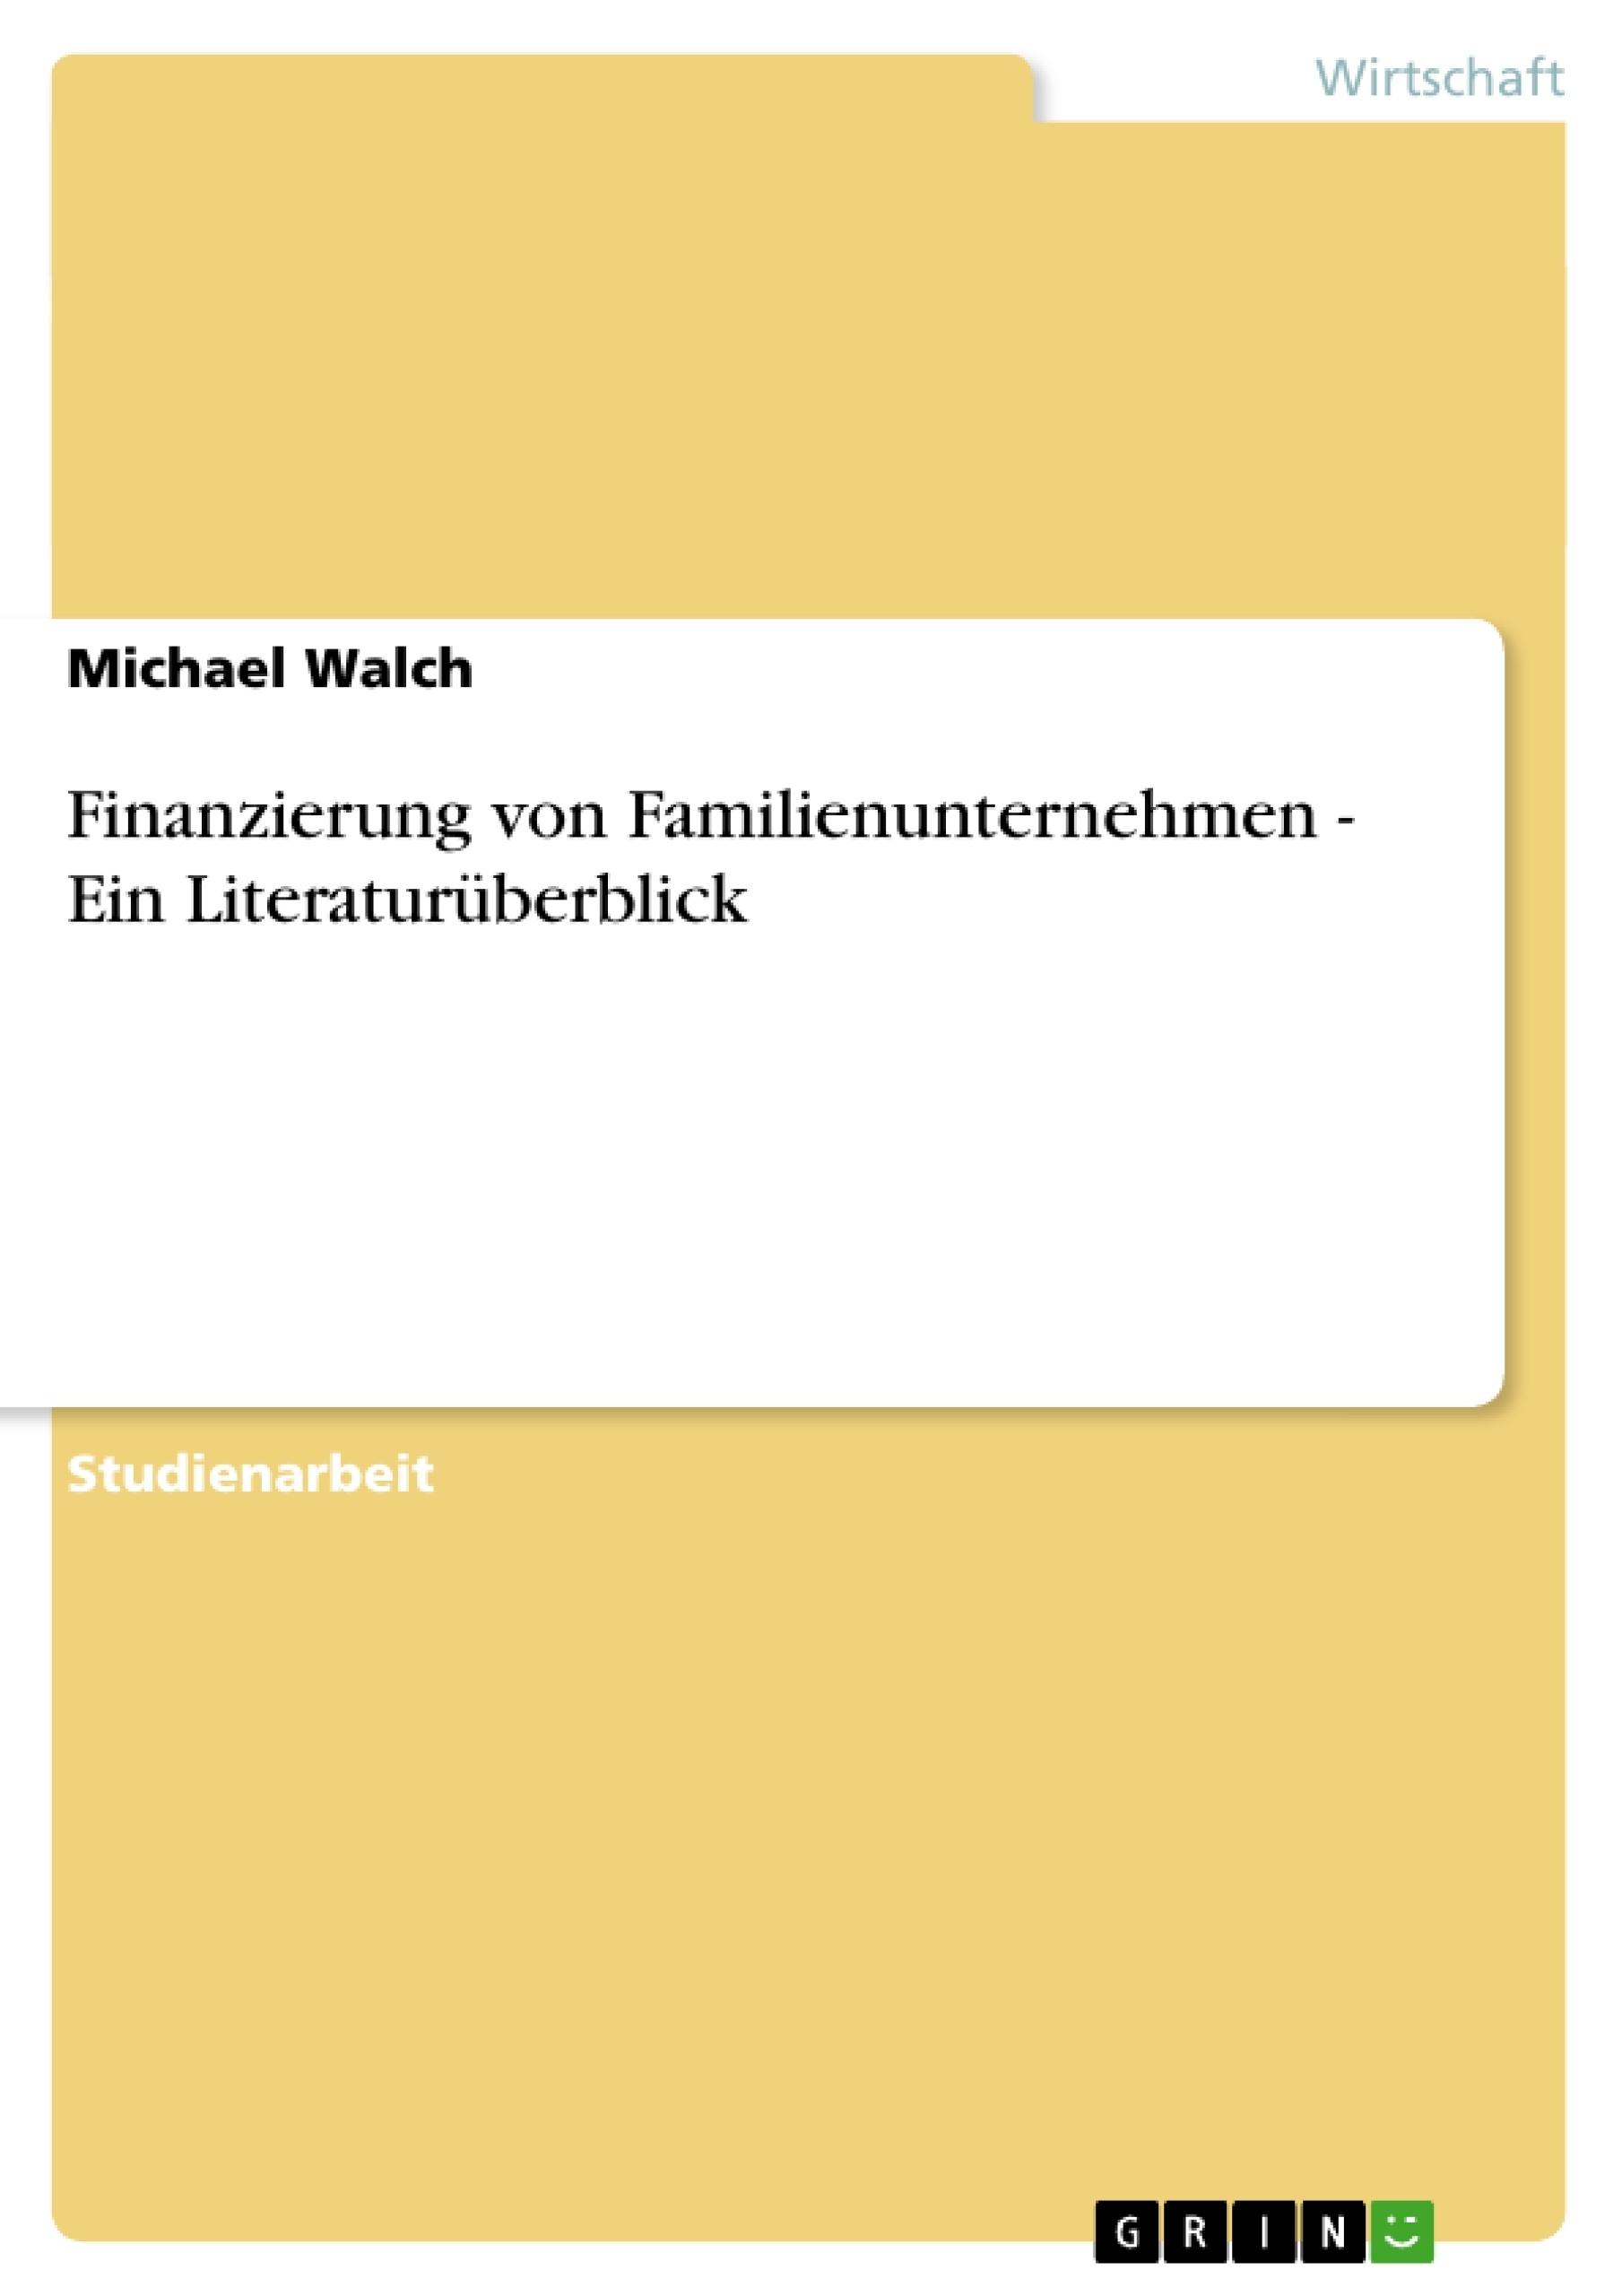 Titel: Finanzierung von Familienunternehmen - Ein Literaturüberblick